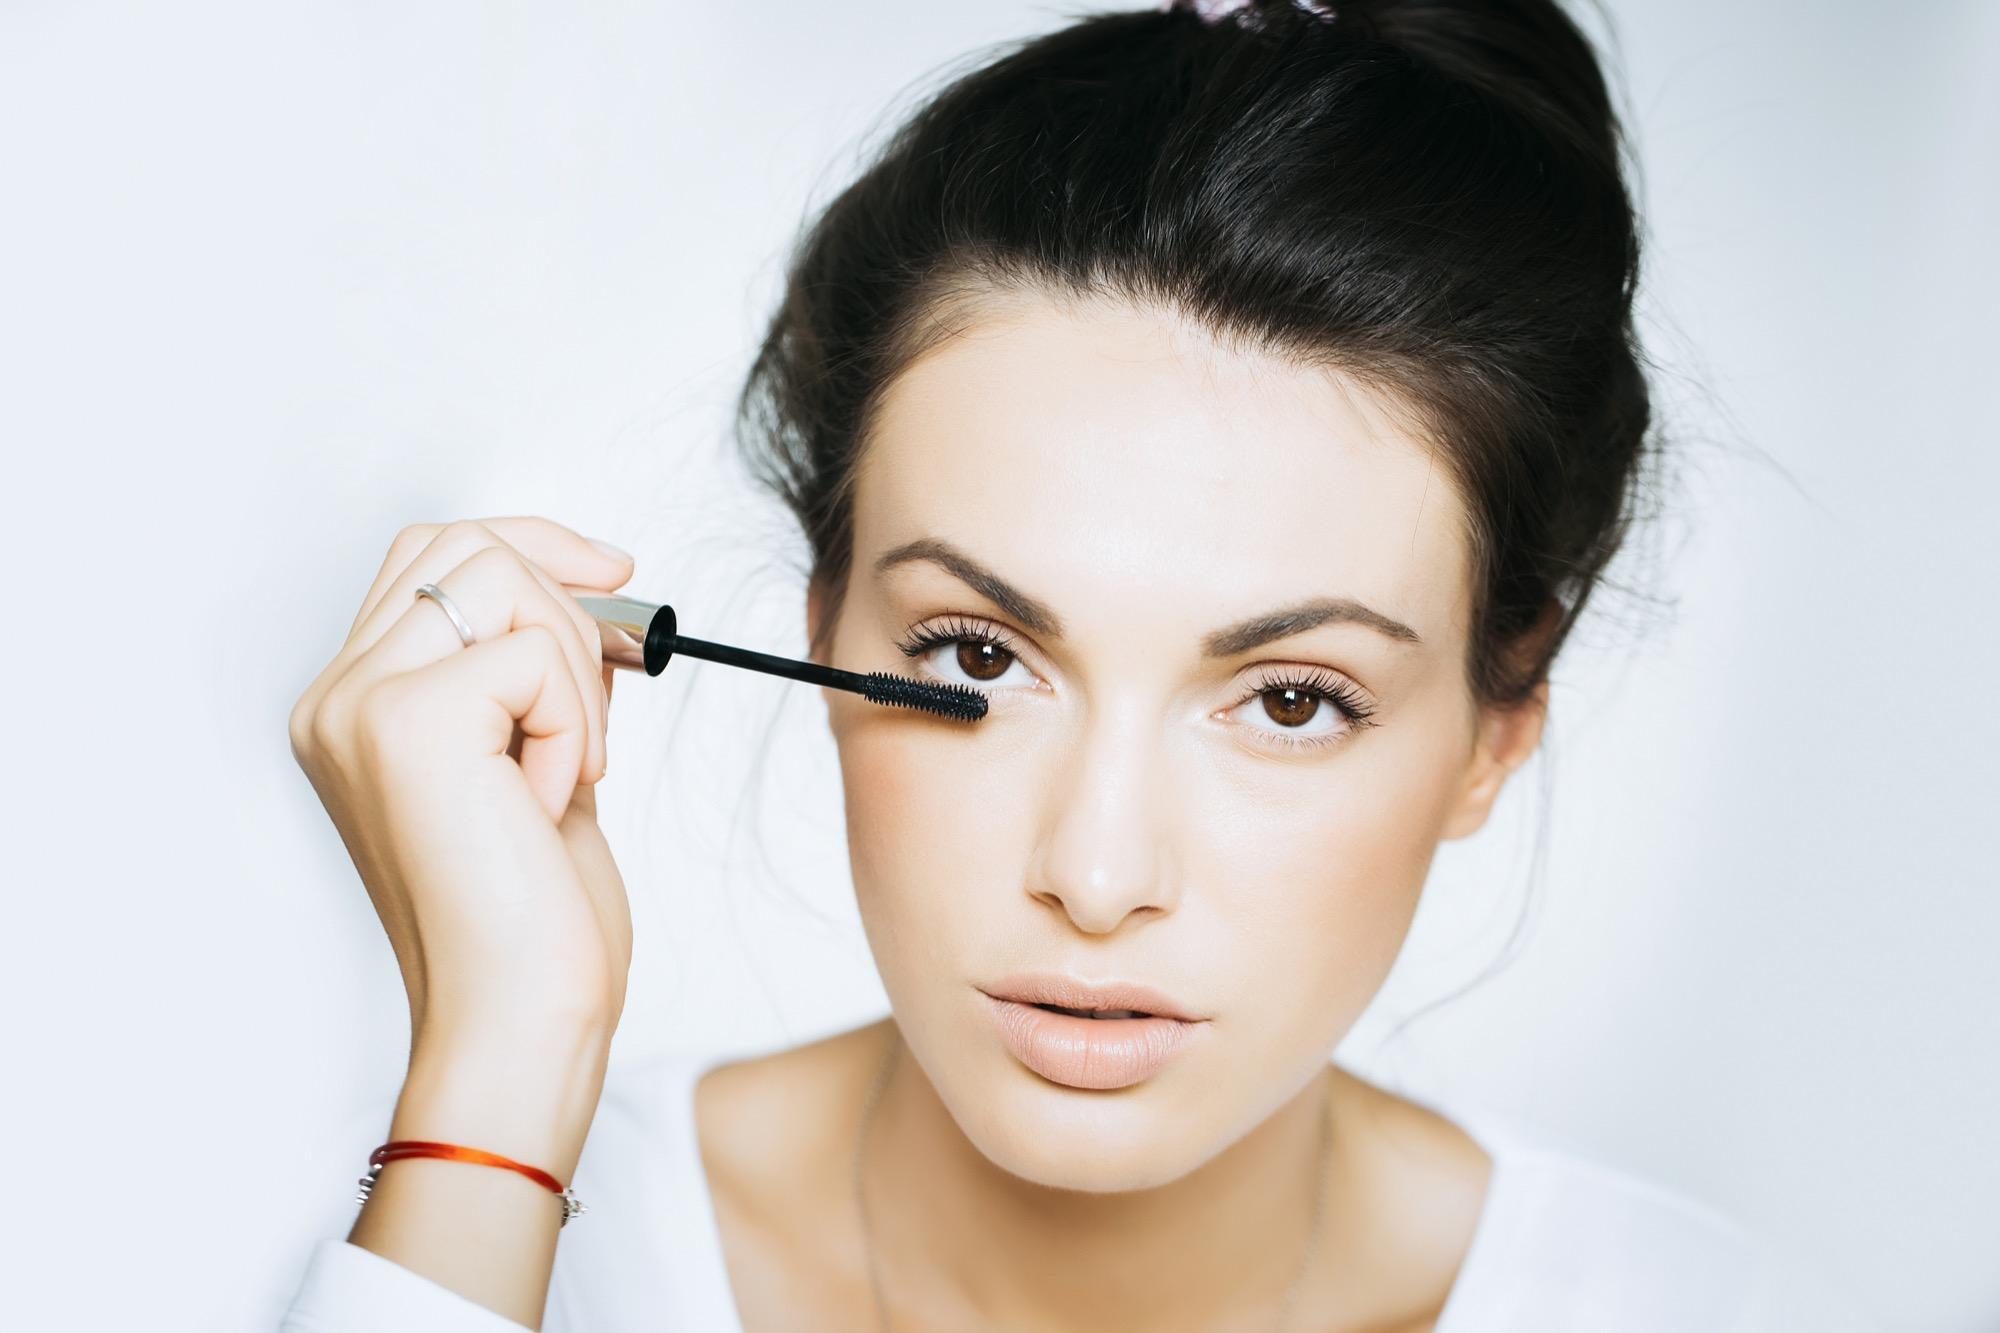 XXL: Diese Frau hat die längsten Wimpern der Welt | BRIGITTE.de